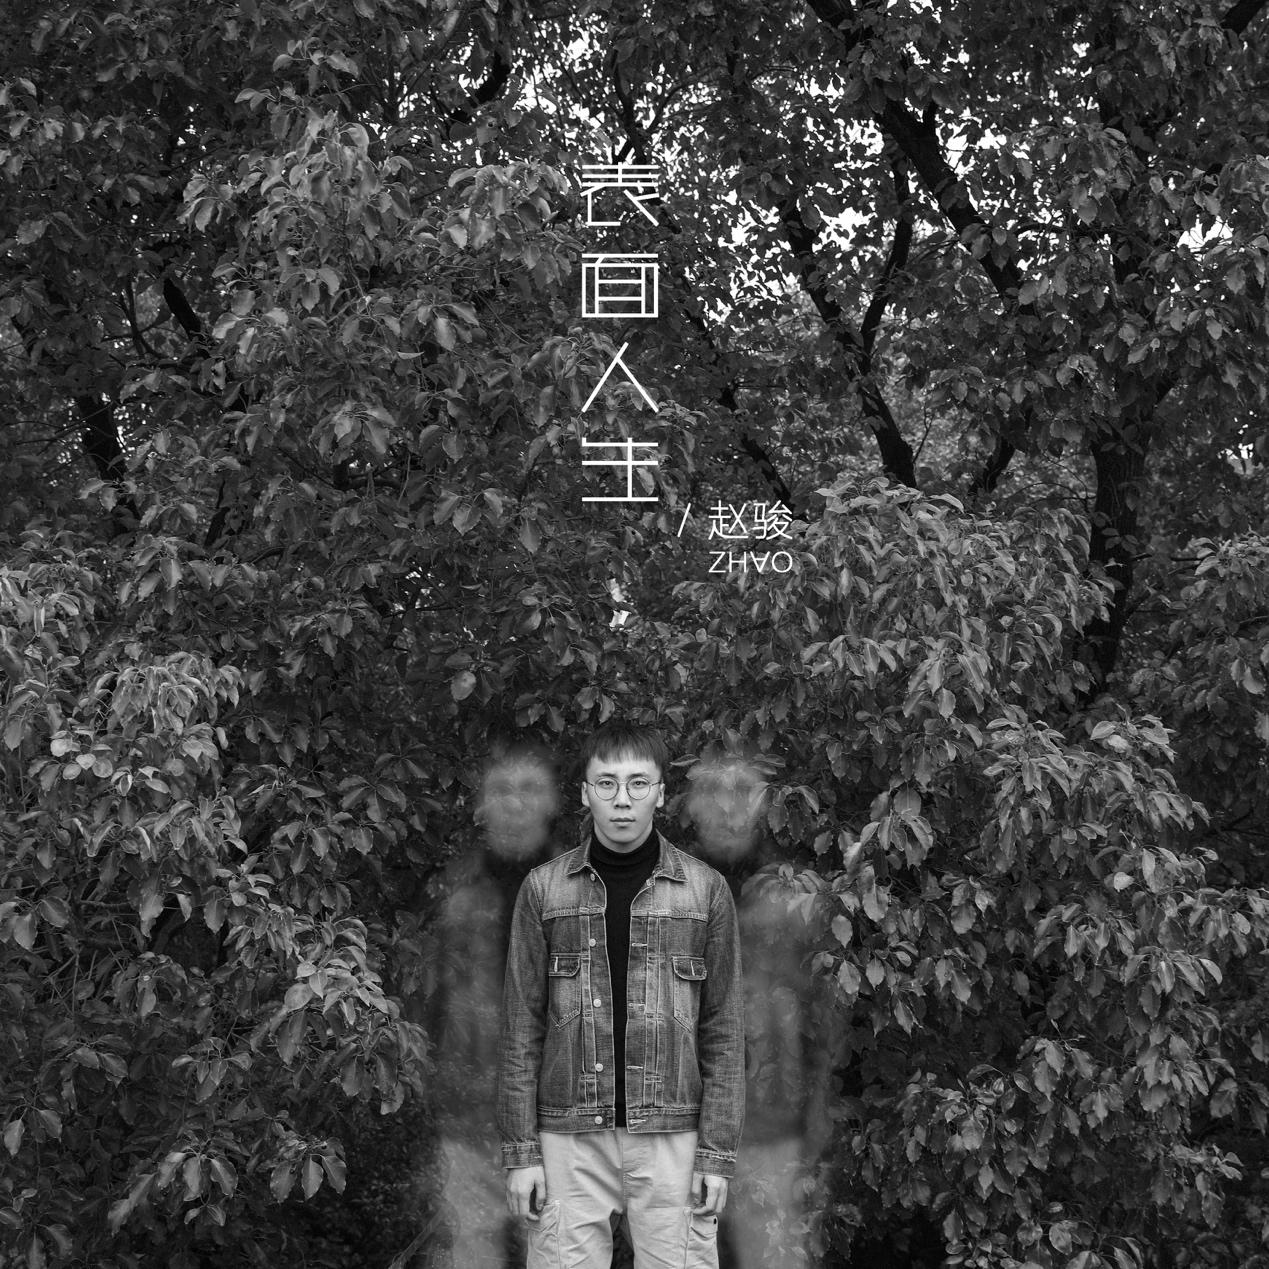 素人趙駿新歌首發 《表面人生》直視真實自己